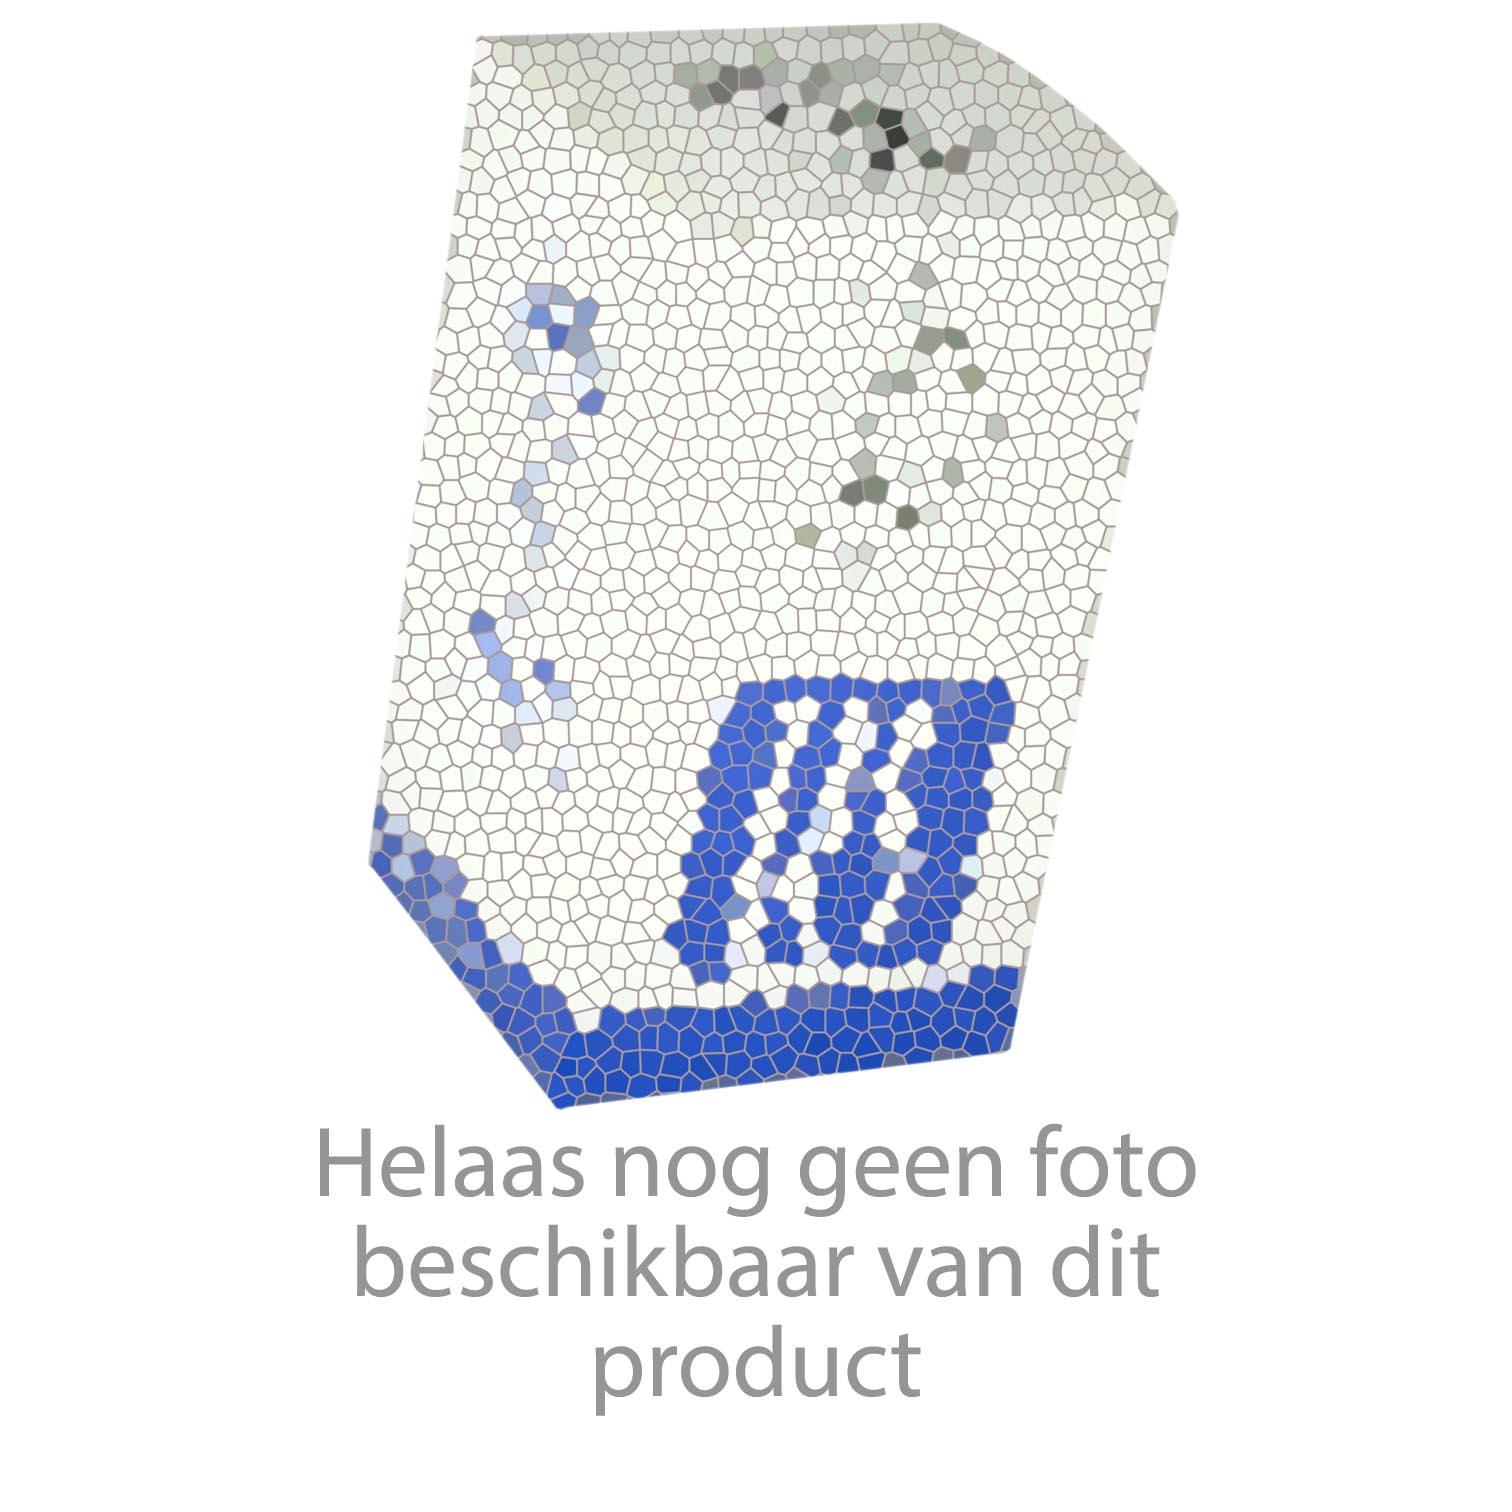 HansGrohe Afvoer- en overloopgarnituren Afvoer- en kopphebelgarnitur productiejaar > 05/94 94139 onderdelen